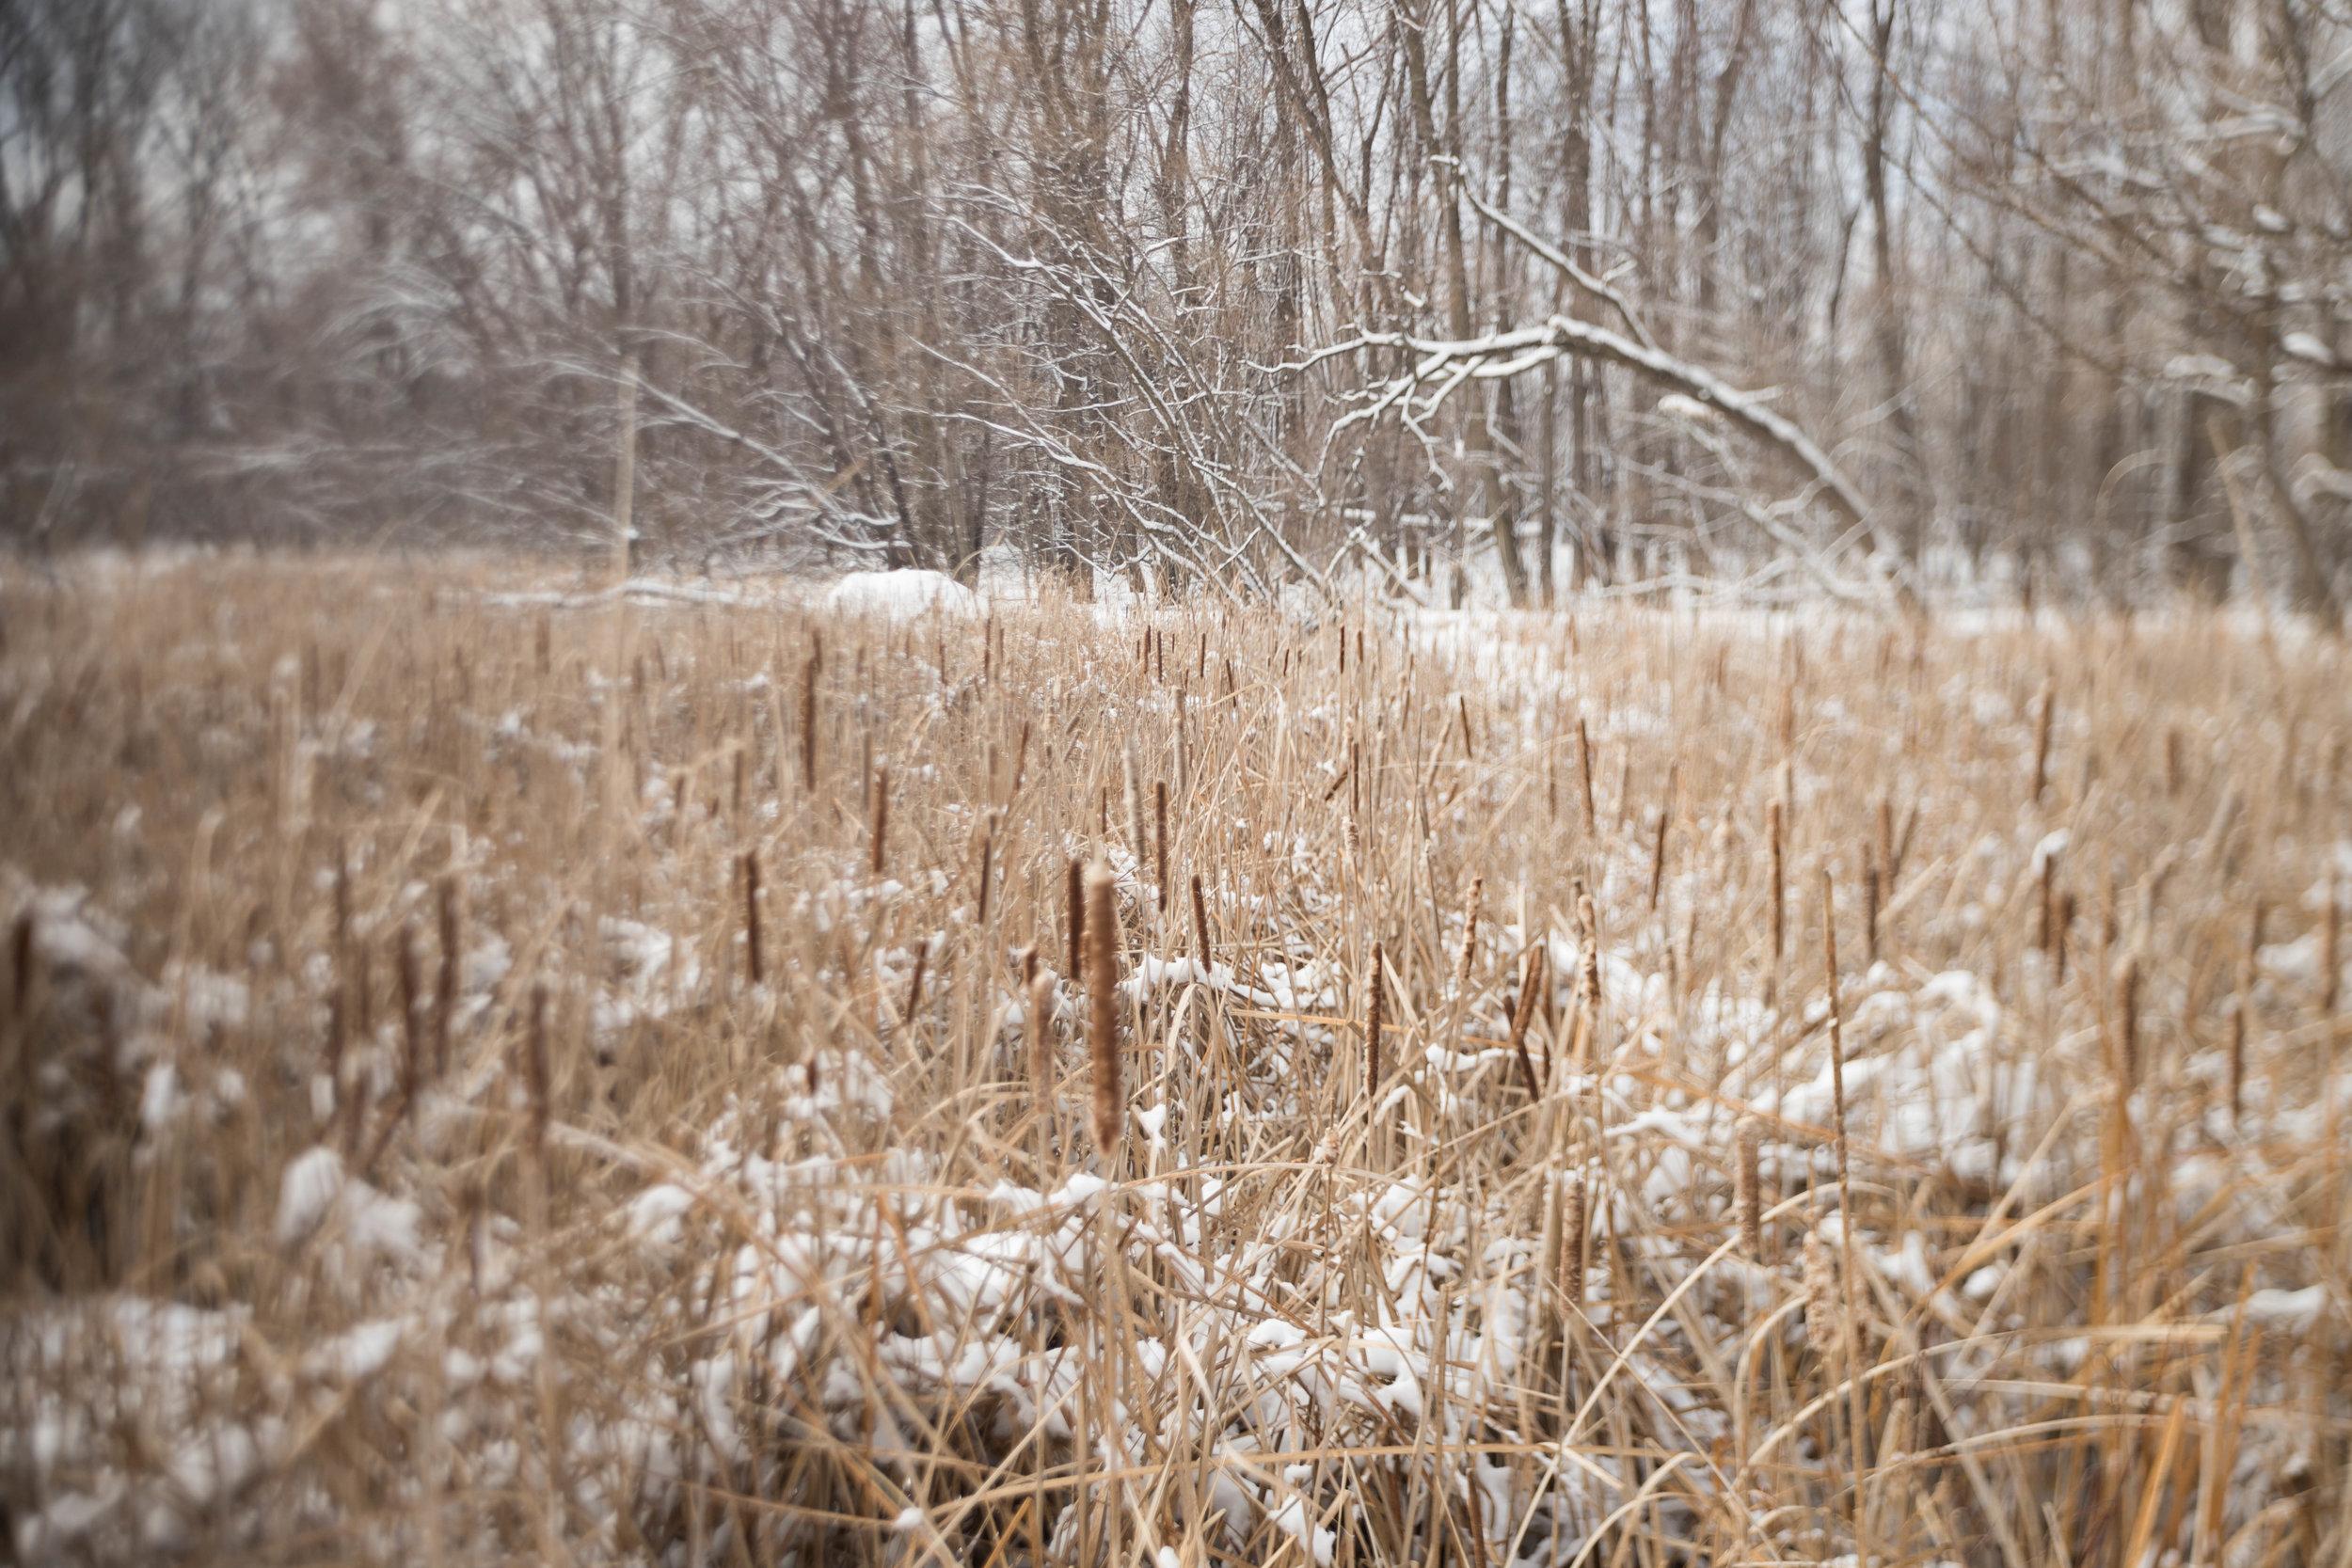 freelensed-cattails-winter-minnesota